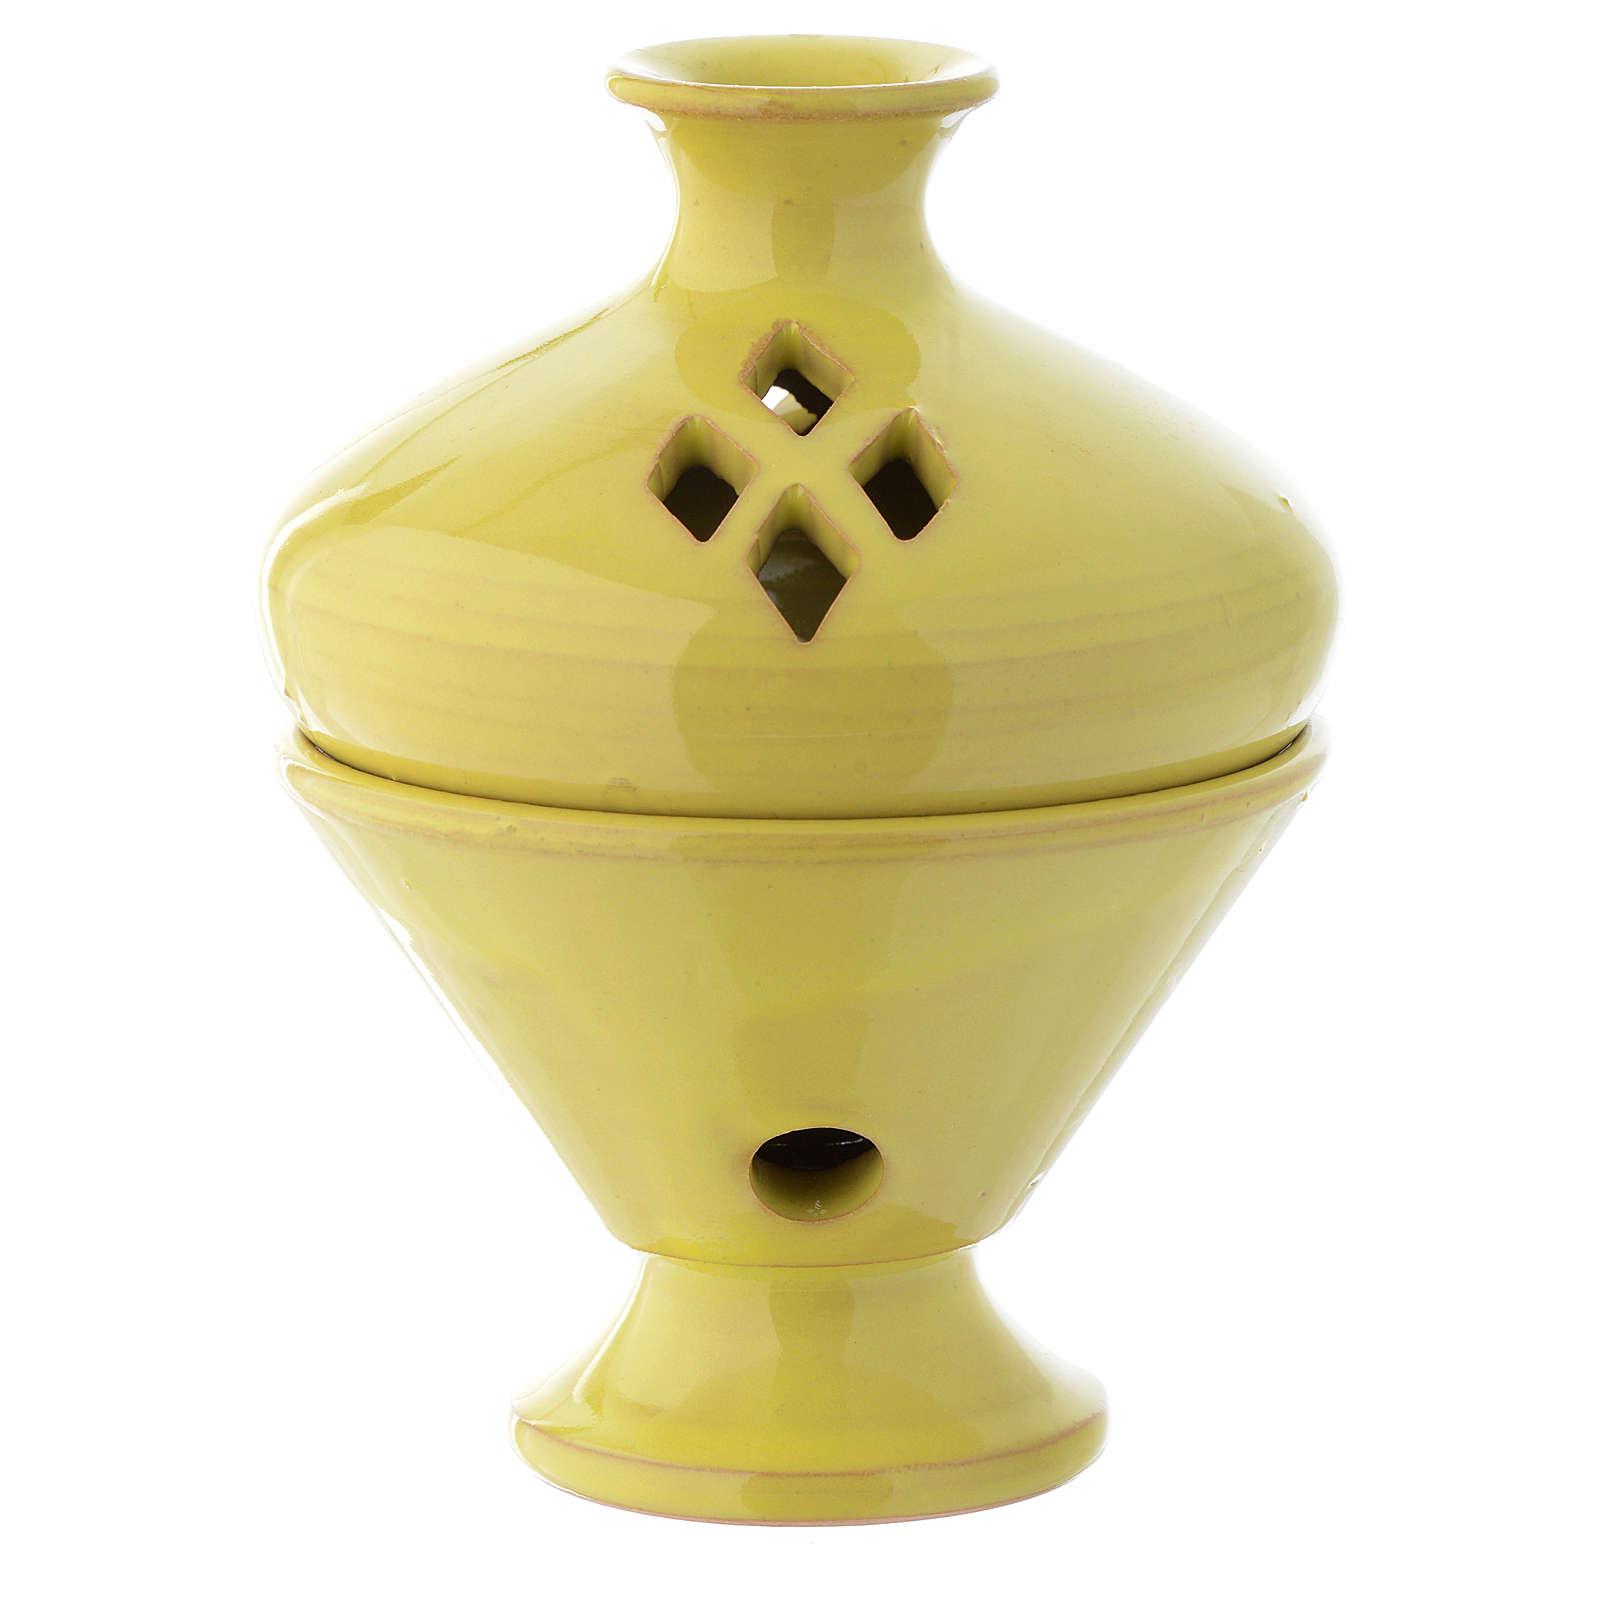 Yellow ceramic incense burner, 5